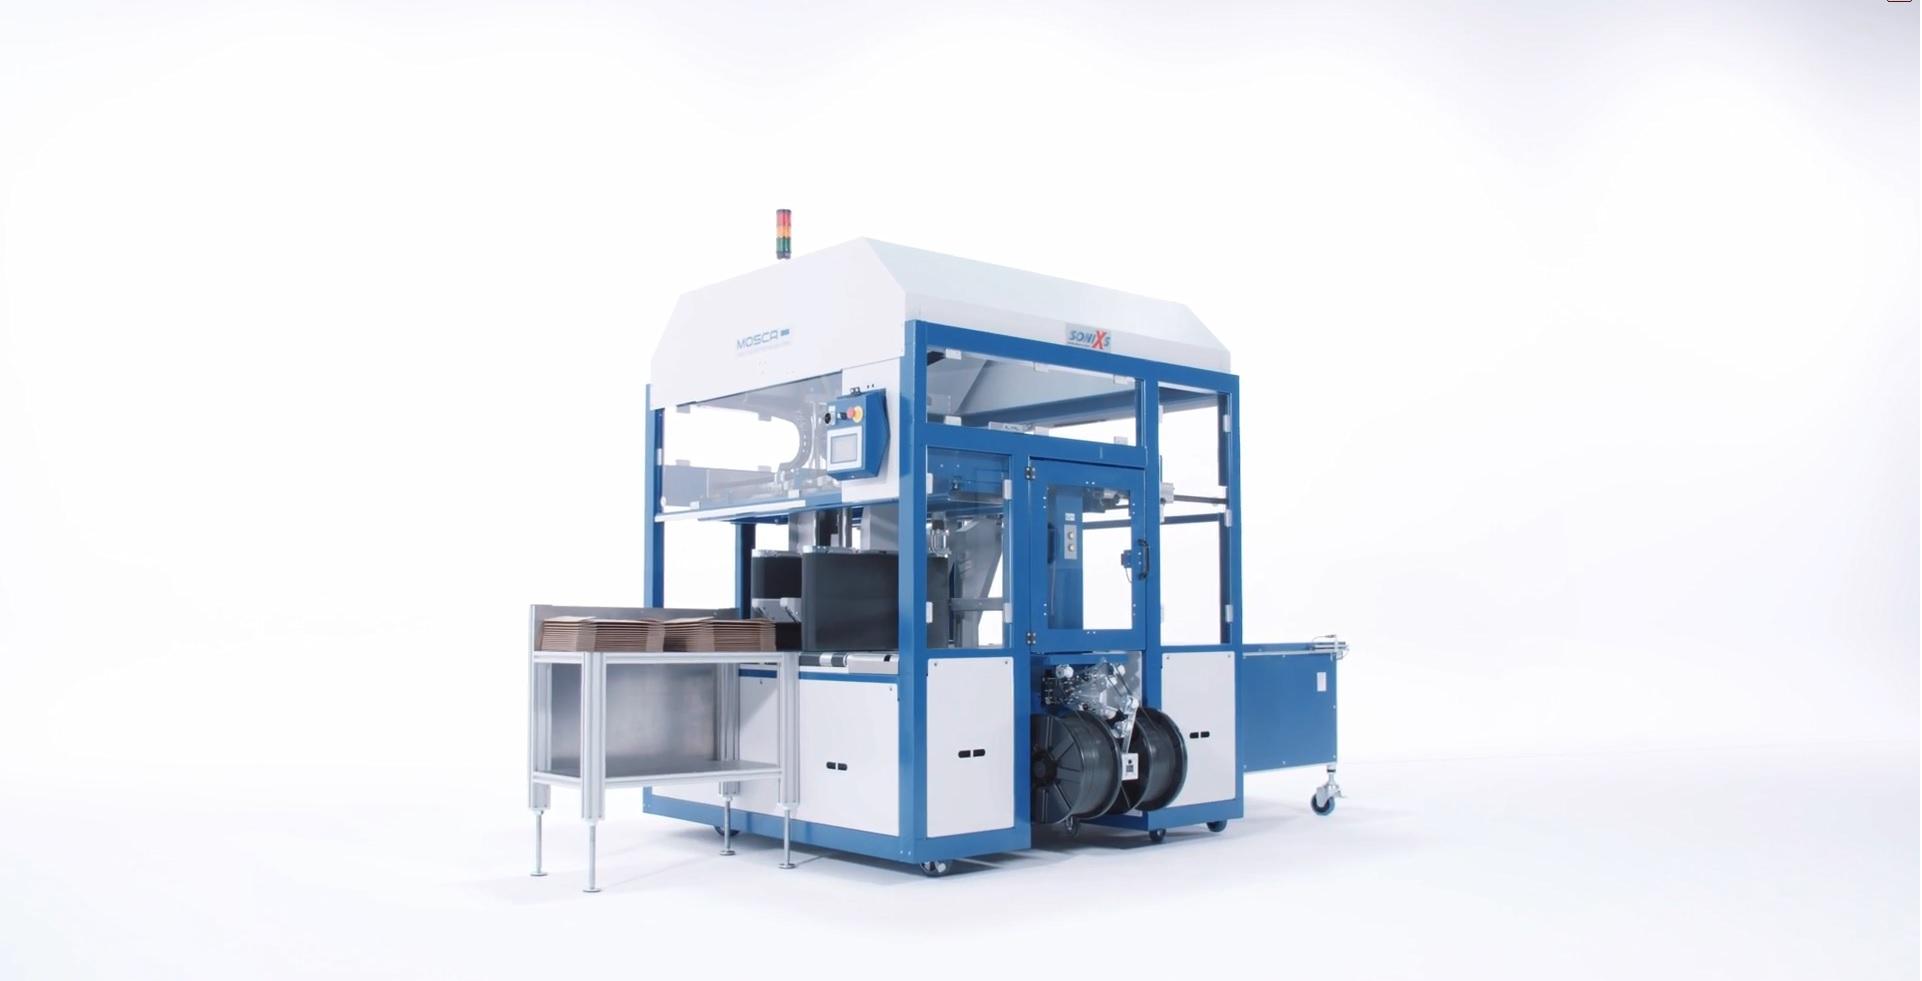 Поставка автоматической обвязывающей машины SONIXS UCB 1250 на производство Киевского КБК